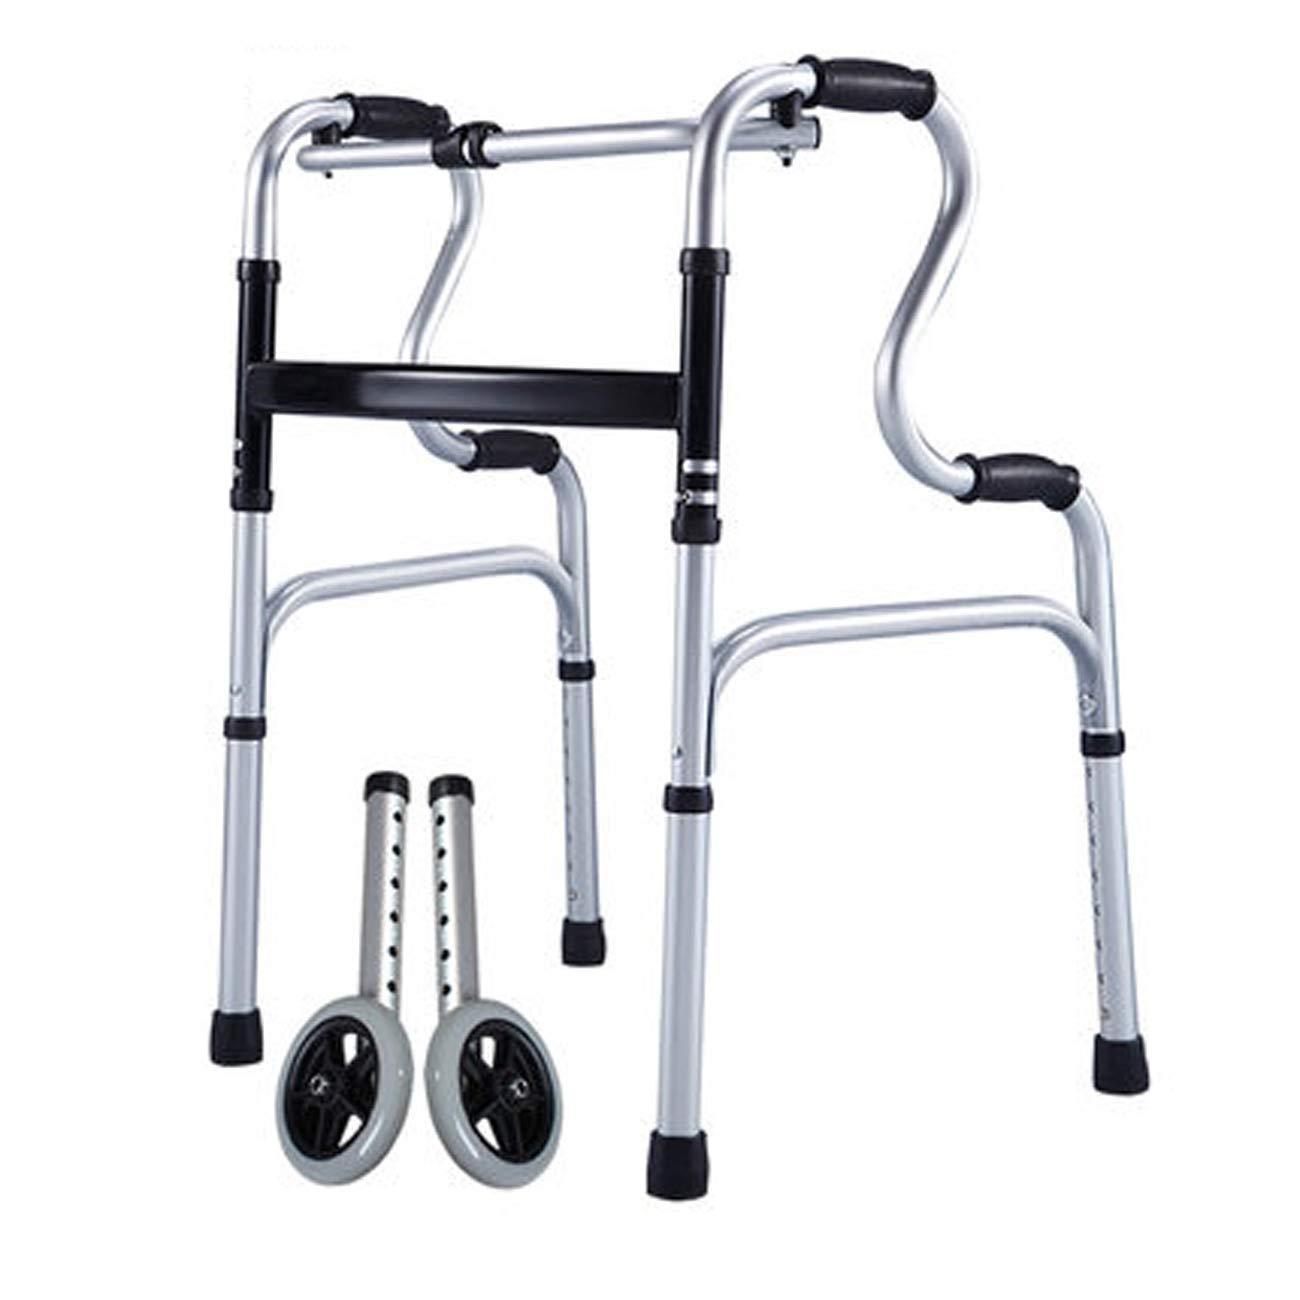 割引発見 高齢者の歩行器 C、歩行補助歩行器、折りたたみポータブル歩行器、マルチスタイルのオプション (設計 (設計 : C) C C) B07L6FWSWW, 輸入雑貨アルファエスパス:42777ba6 --- a0267596.xsph.ru